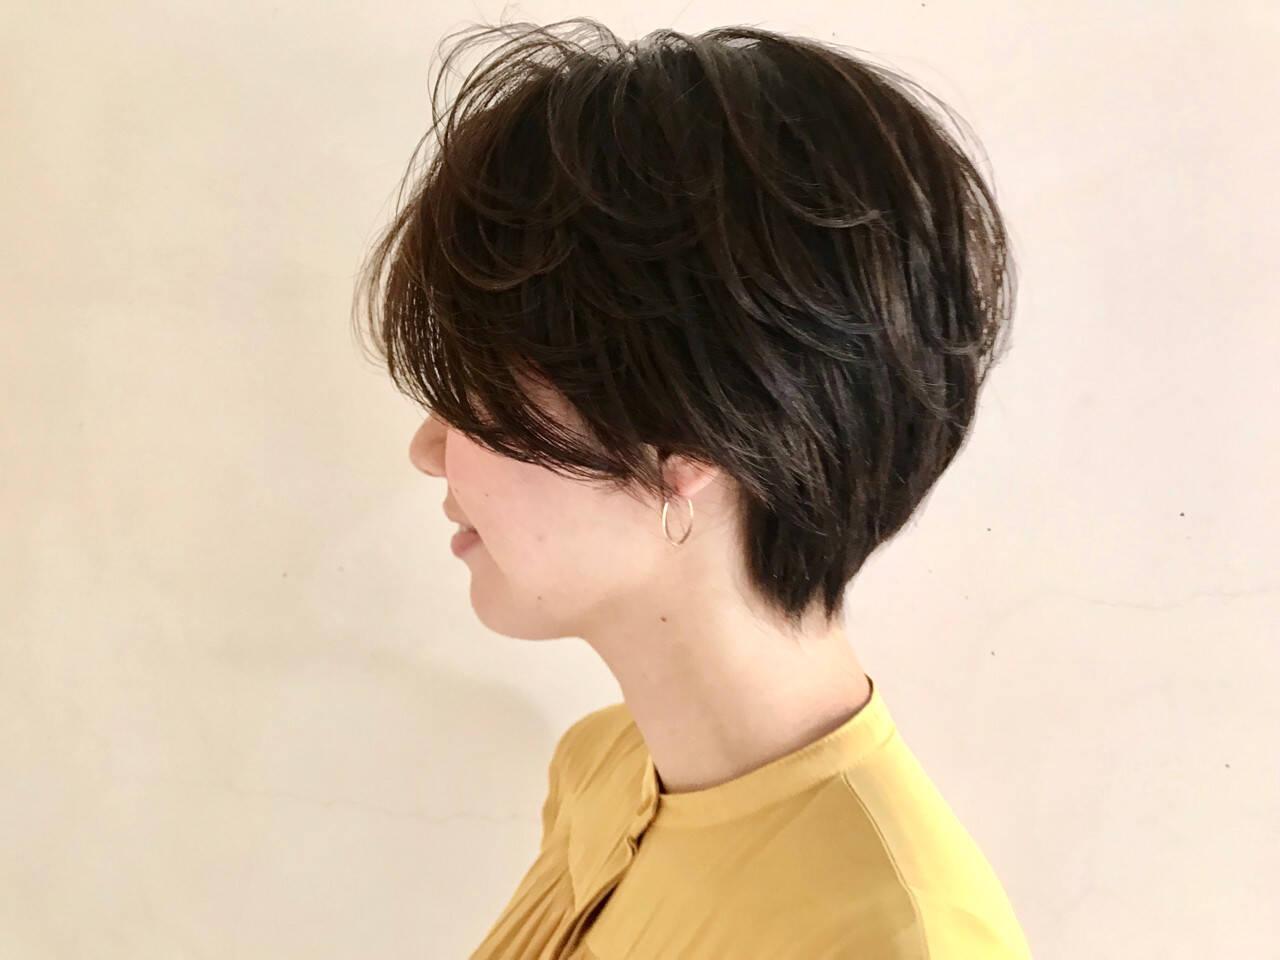 抜け感 ナチュラル アウトドア ショートボブヘアスタイルや髪型の写真・画像